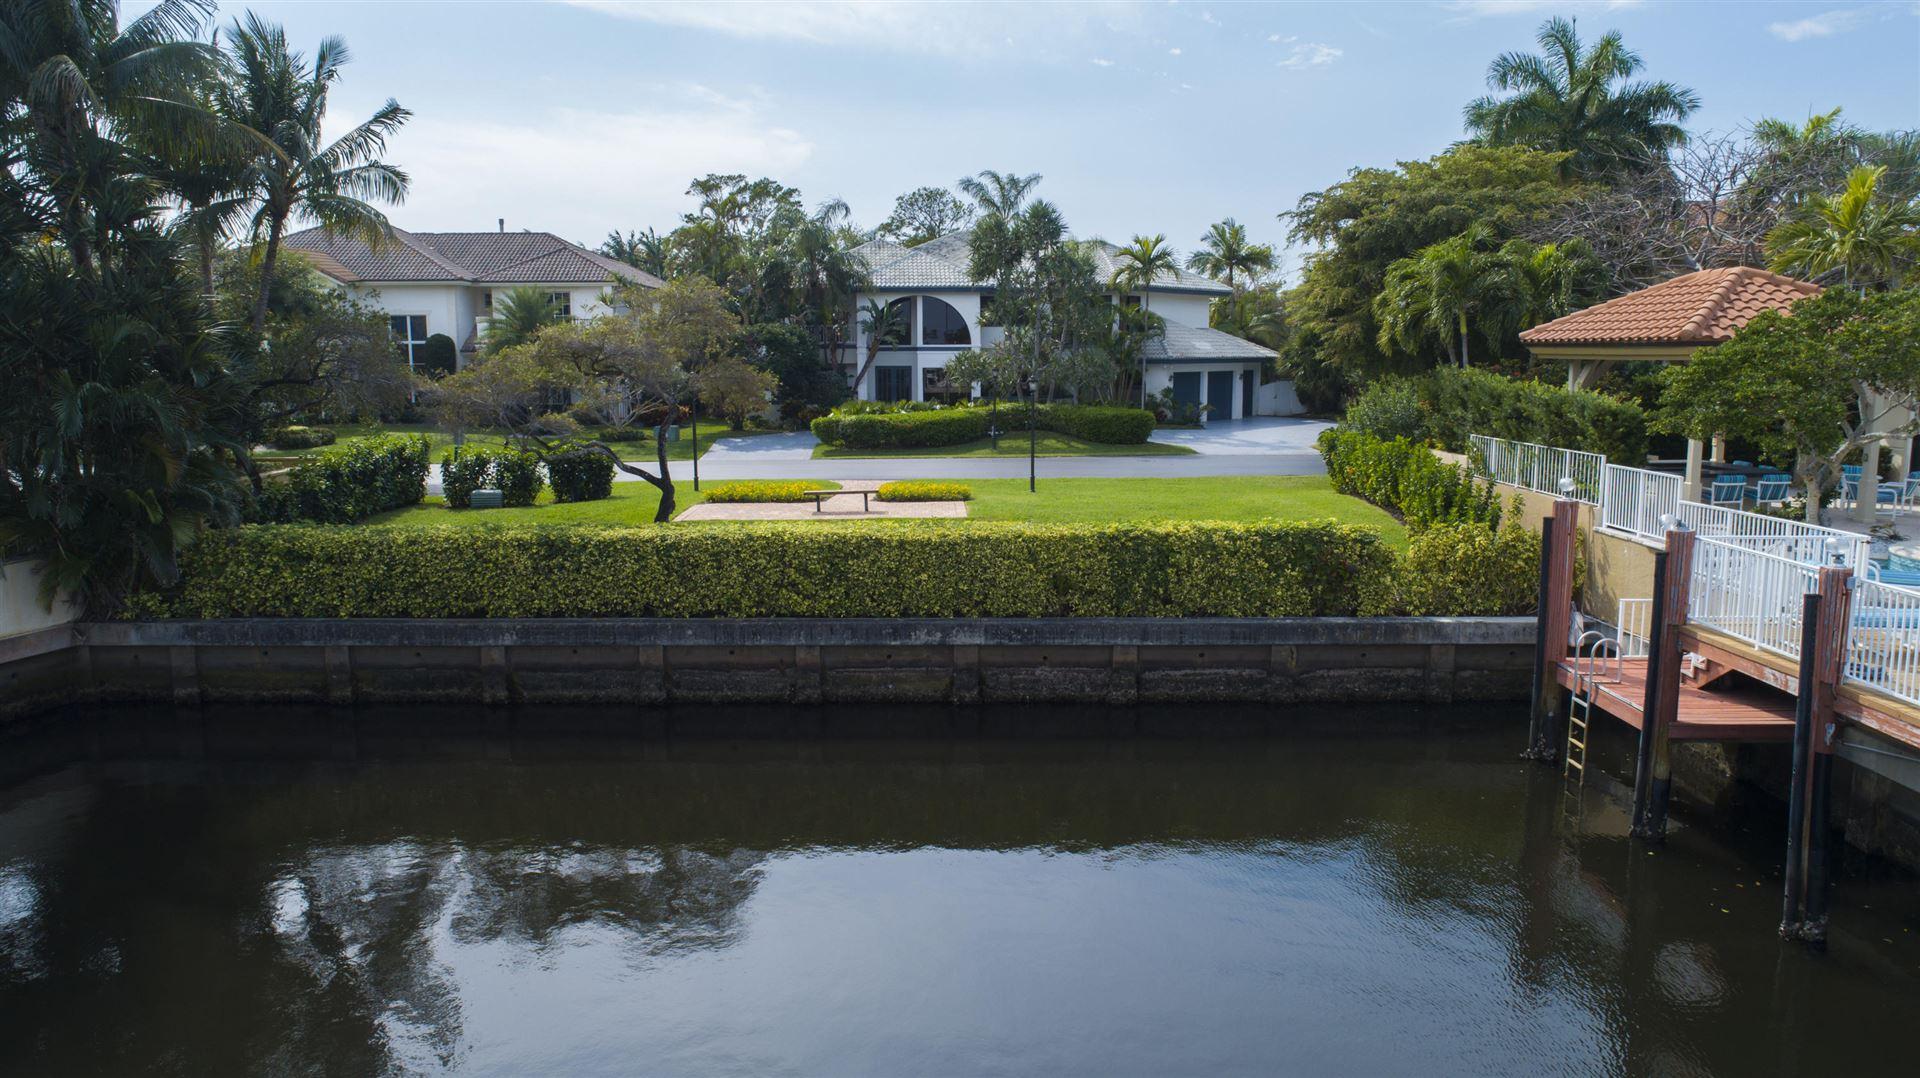 4601 Sanctuary Lane, Boca Raton, FL 33431 - #: RX-10602172